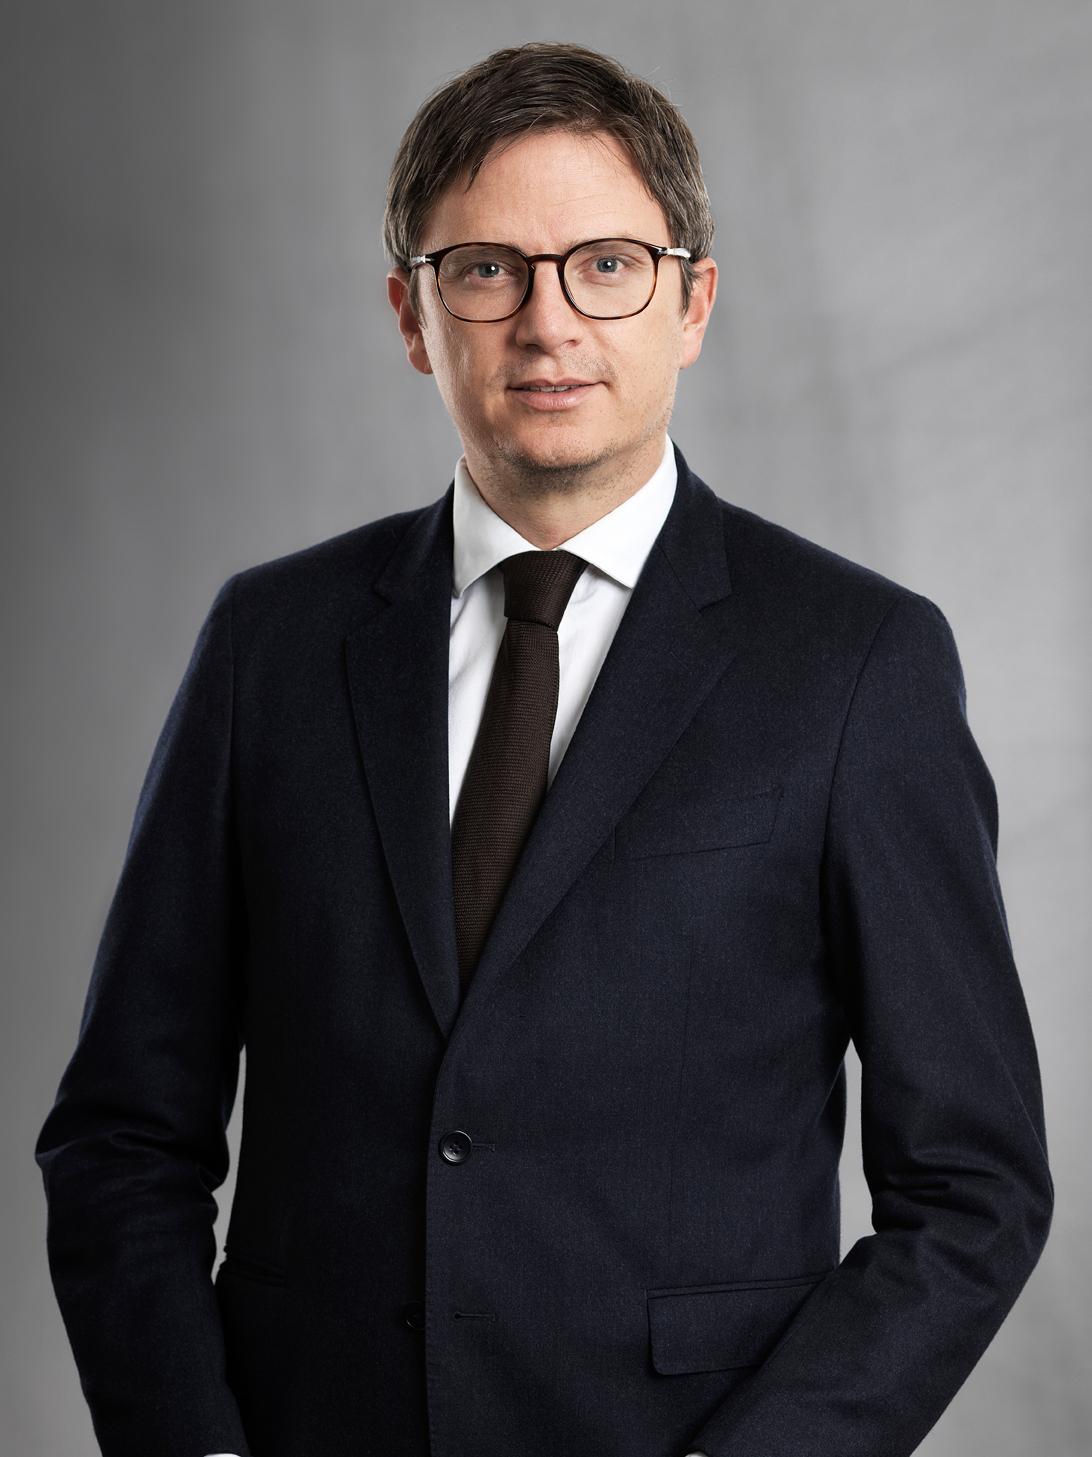 Thomas Goossens